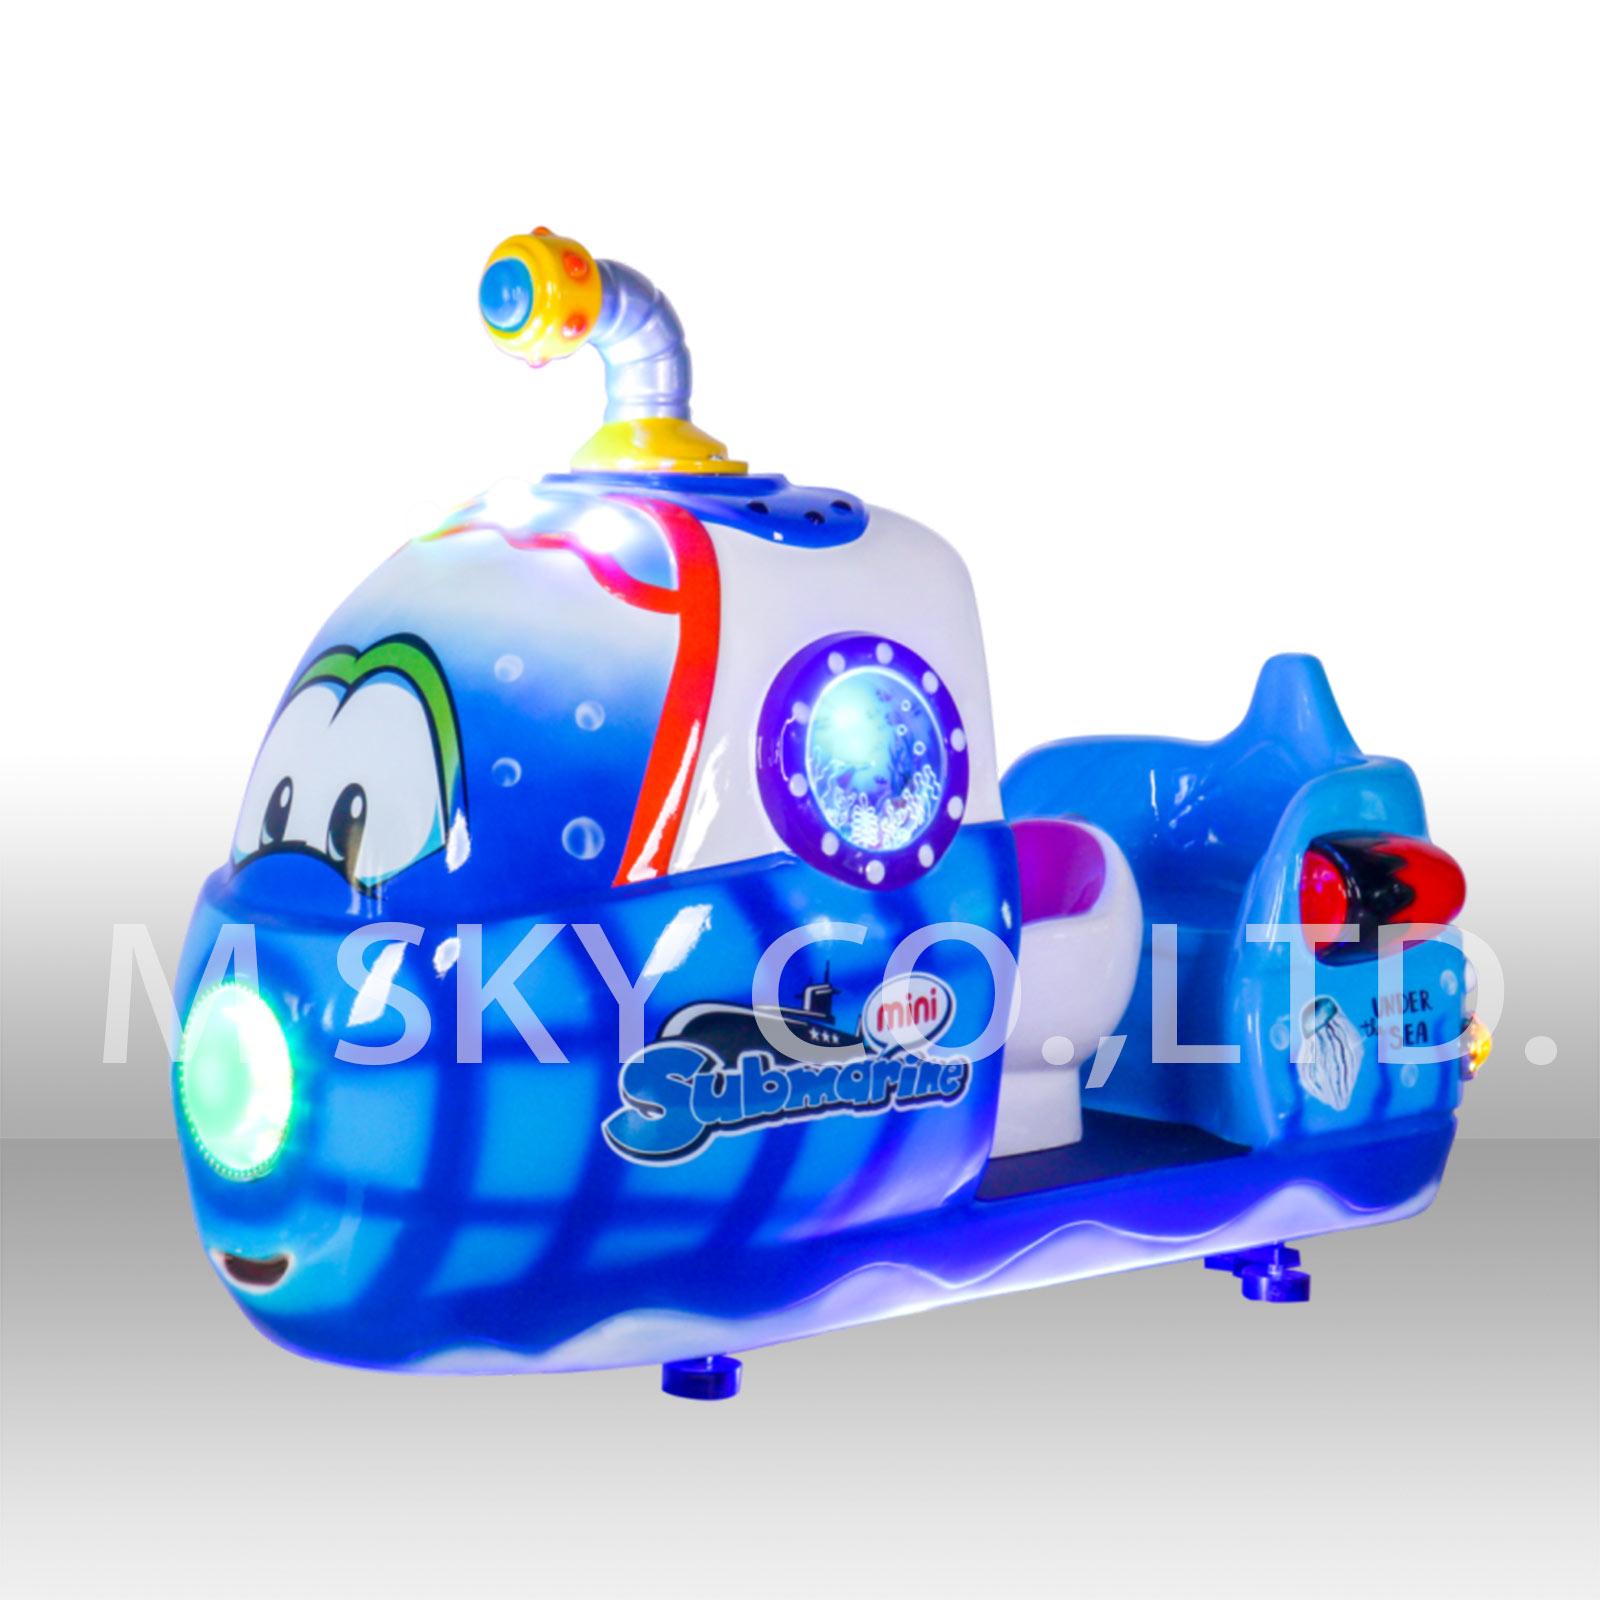 KA-570 迷你潜水艇